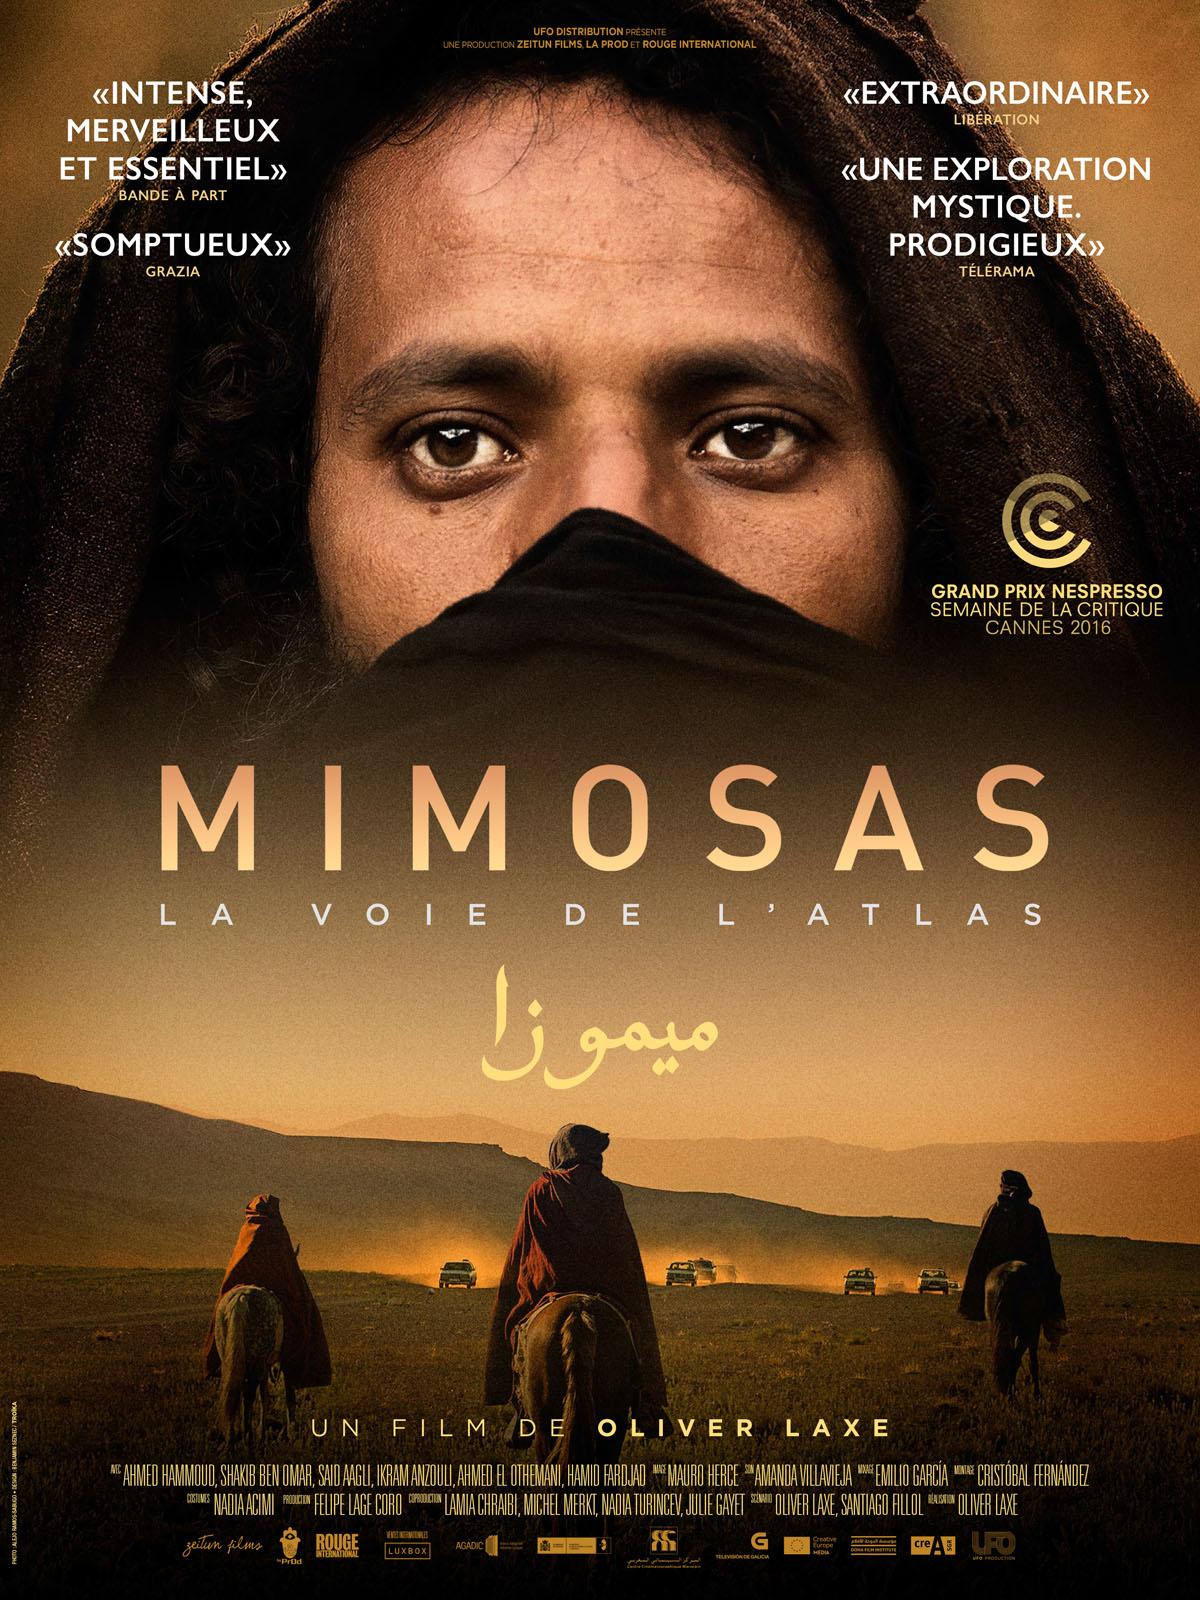 Résultats de recherche d'images pour «Mimosas, la voie de l'Atlas allocine»